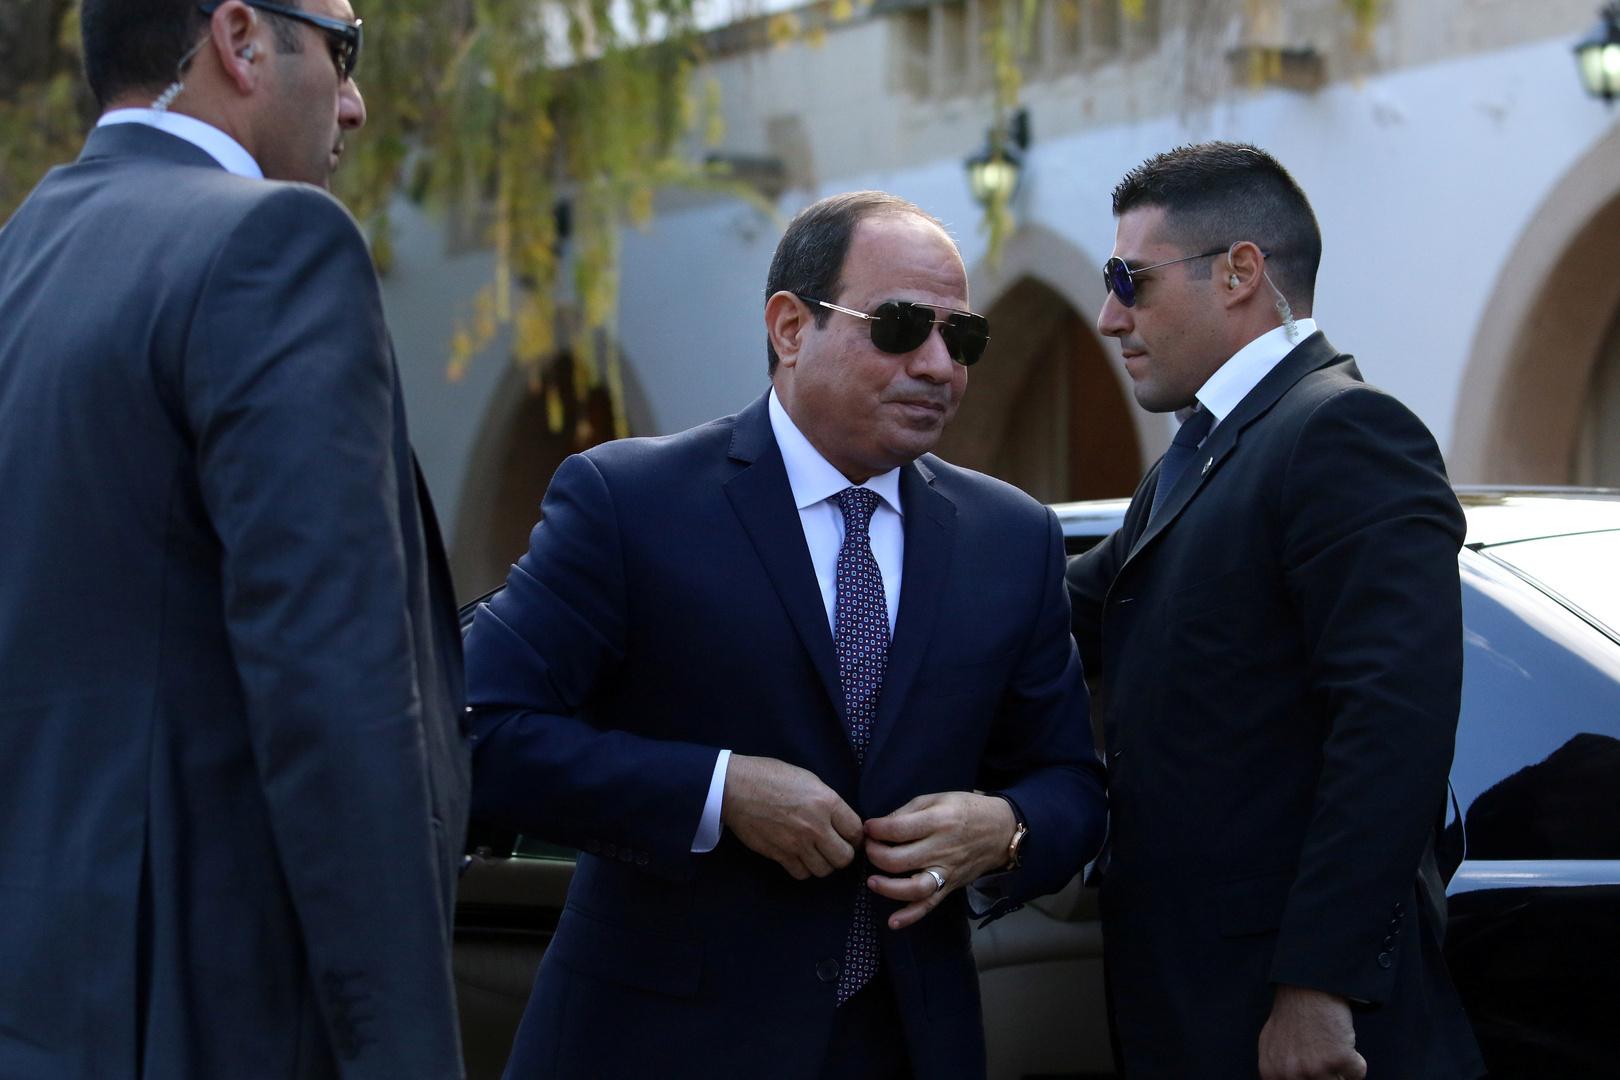 السيسي يبحث مد الجيش المصري بأسلحة جديدة (صورة)